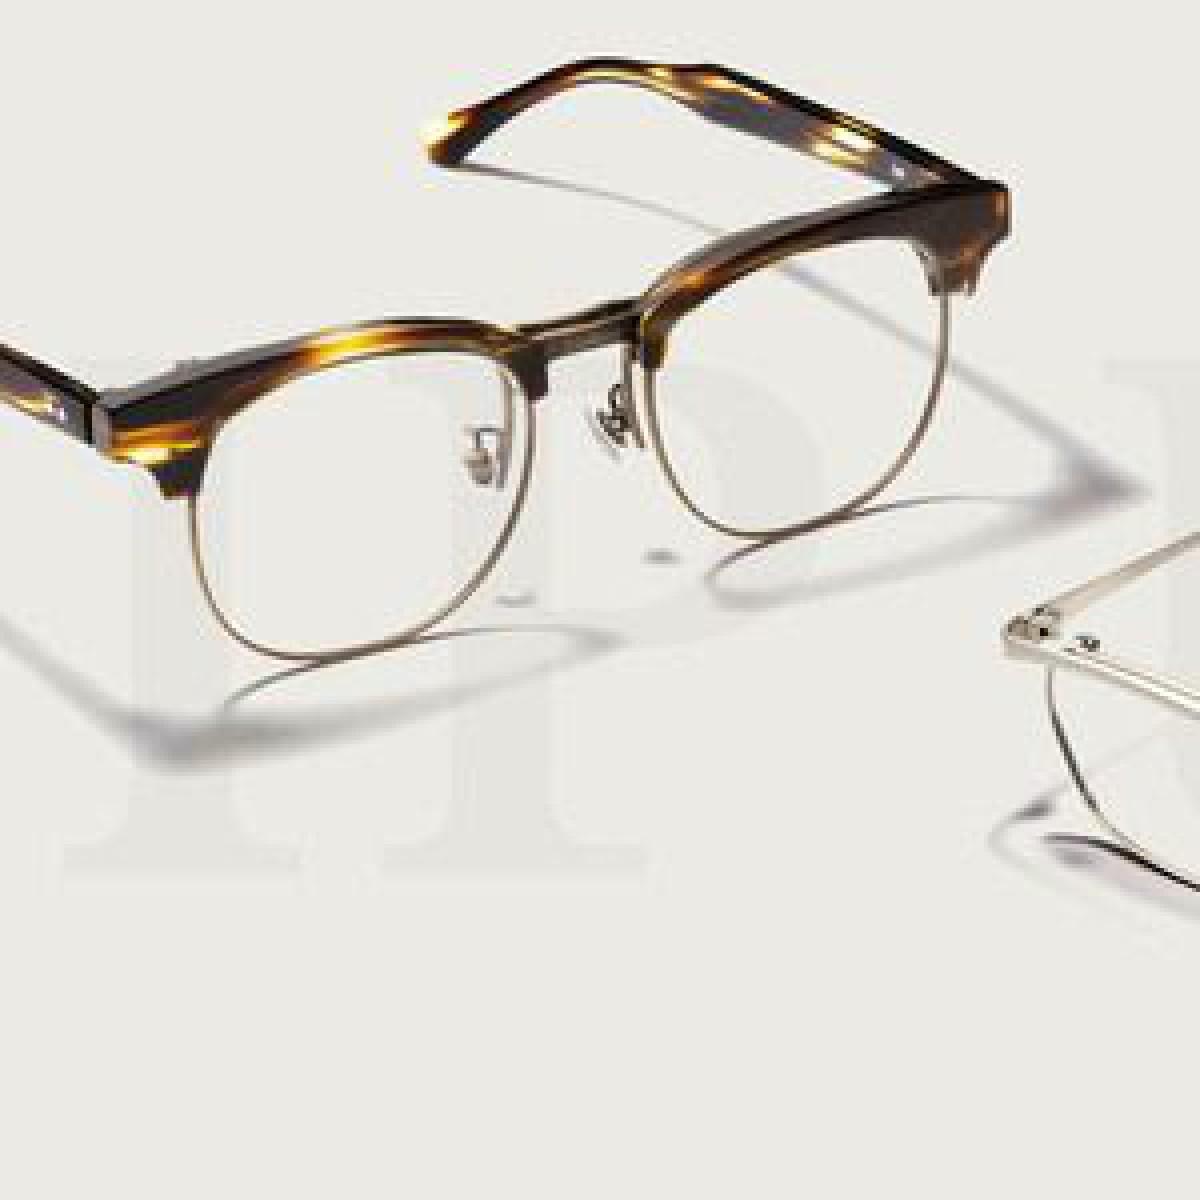 ゾフが新作メガネ「フリップアップ」を発売、フロントの上げ下げで遠近両方に対応